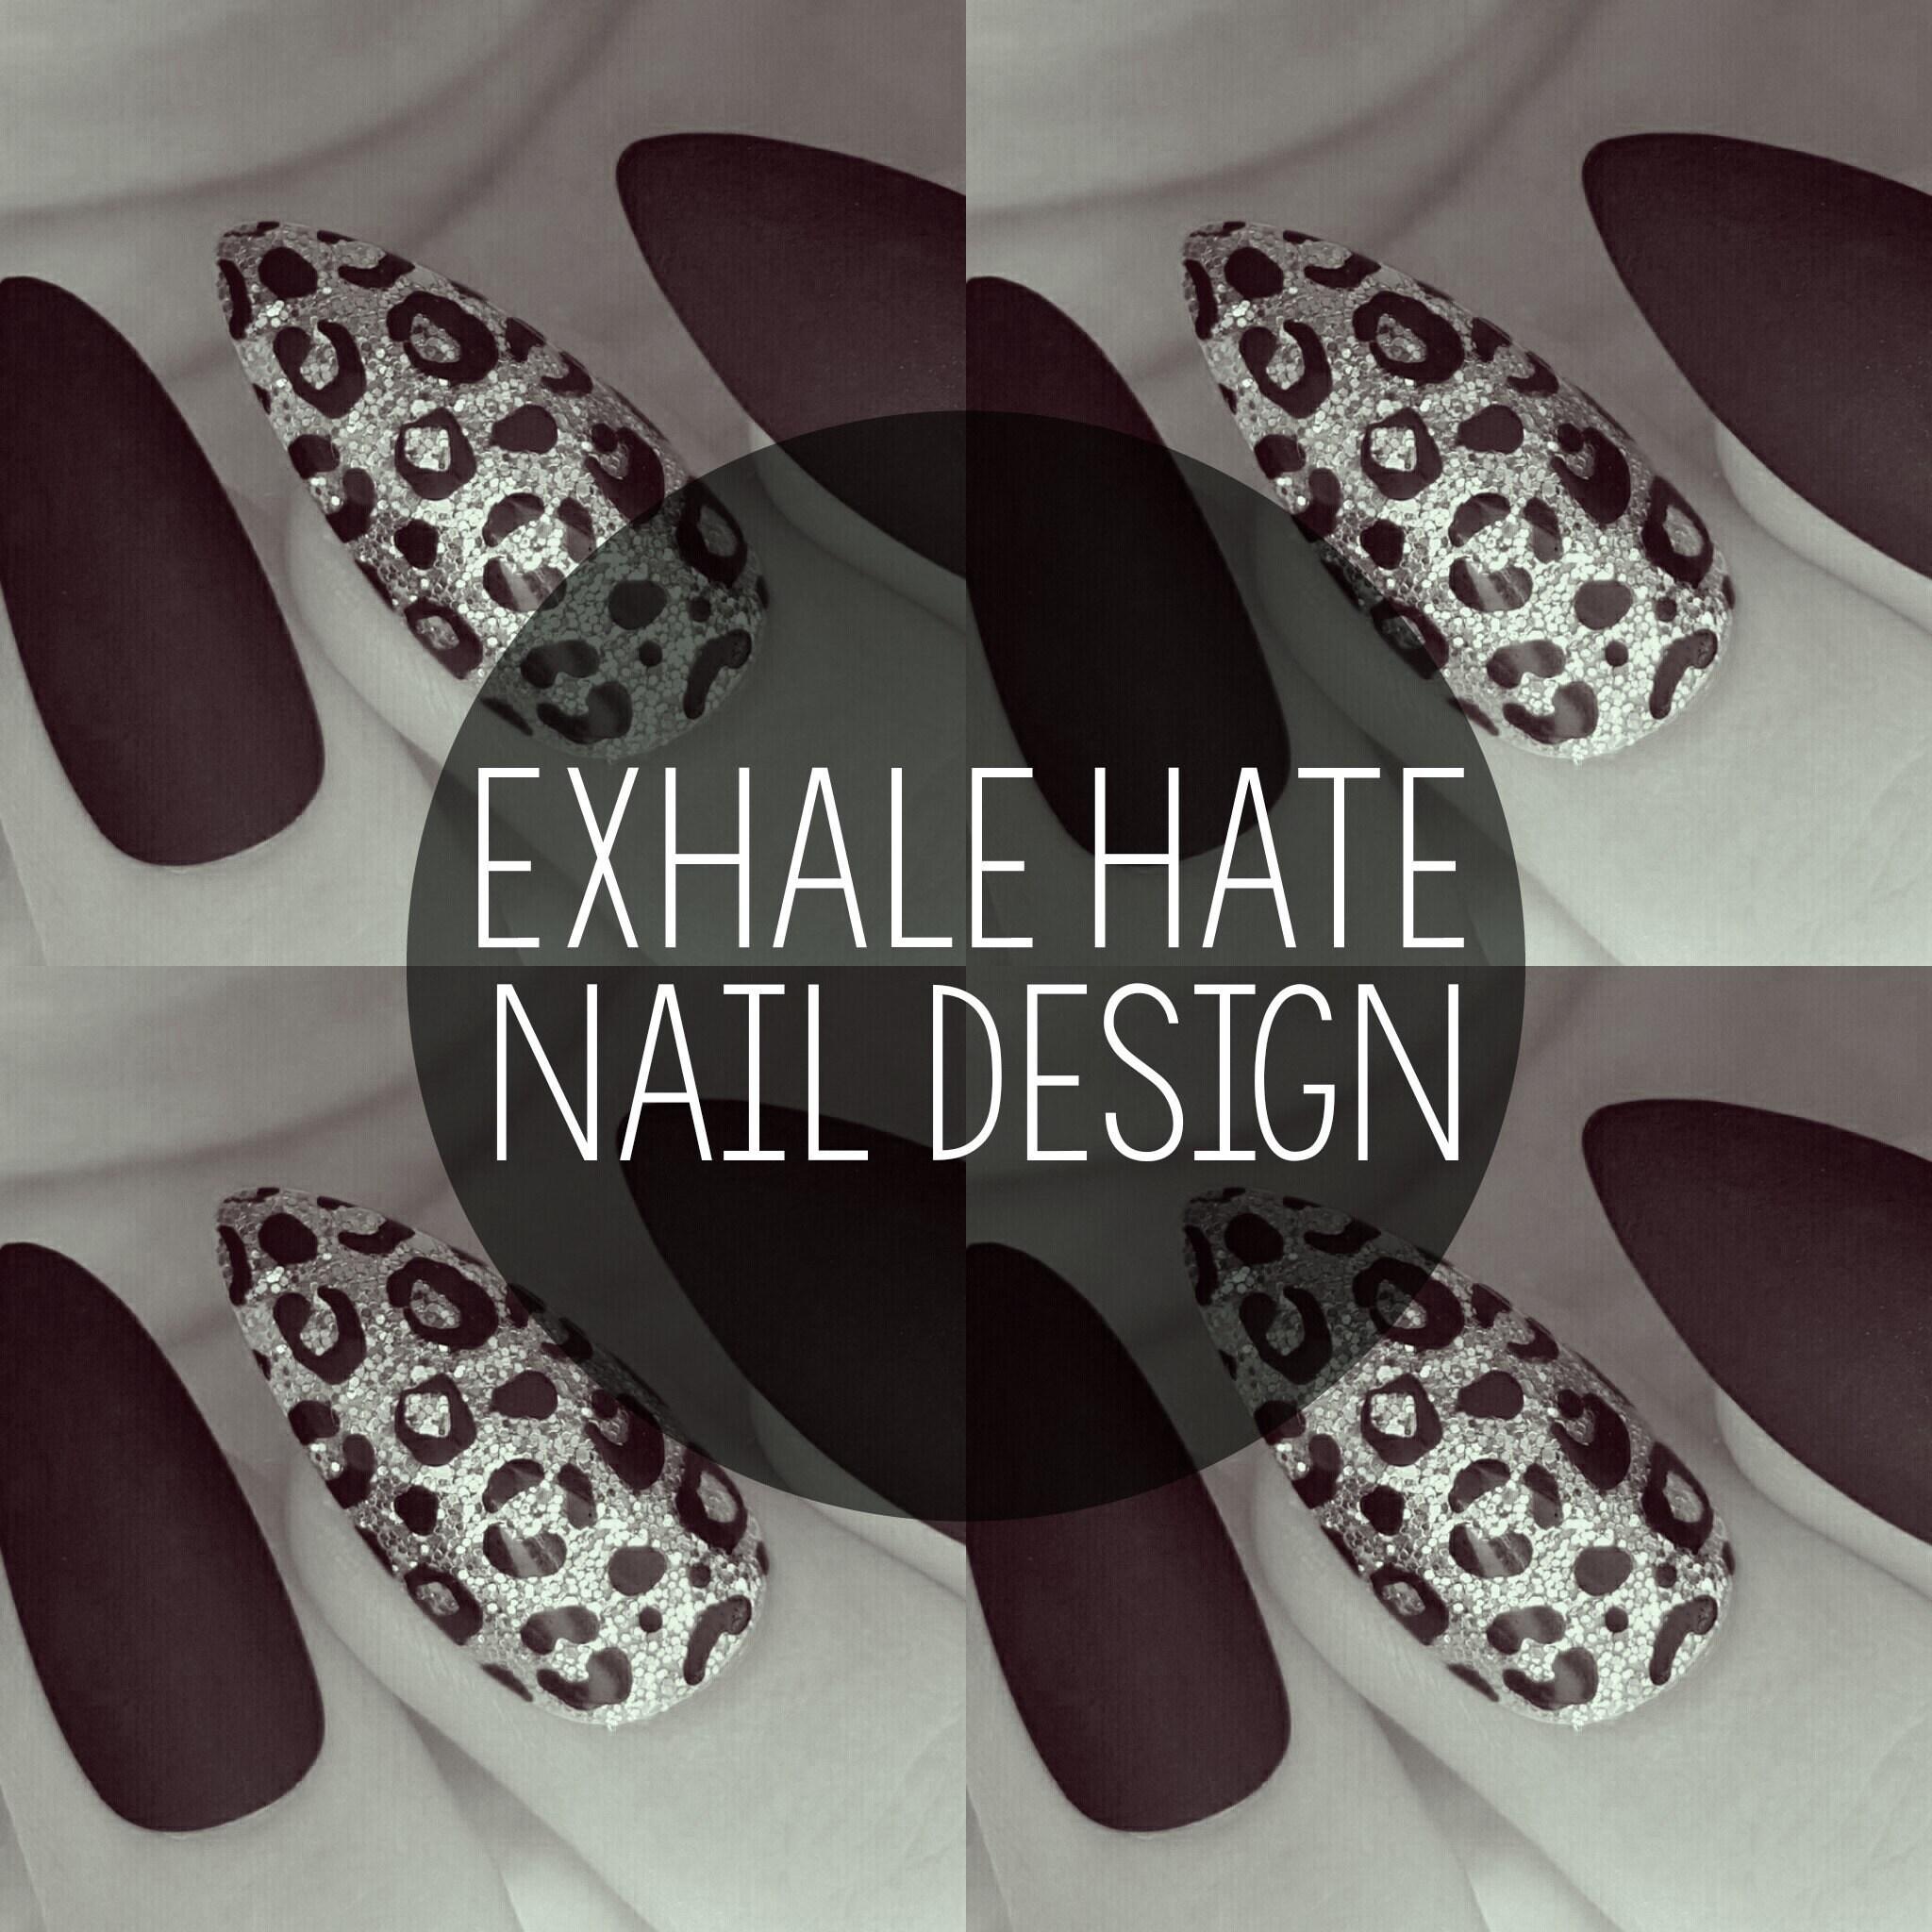 Exhale Hate Nail Design www.exhalehate.com von ExhaleHate auf Etsy